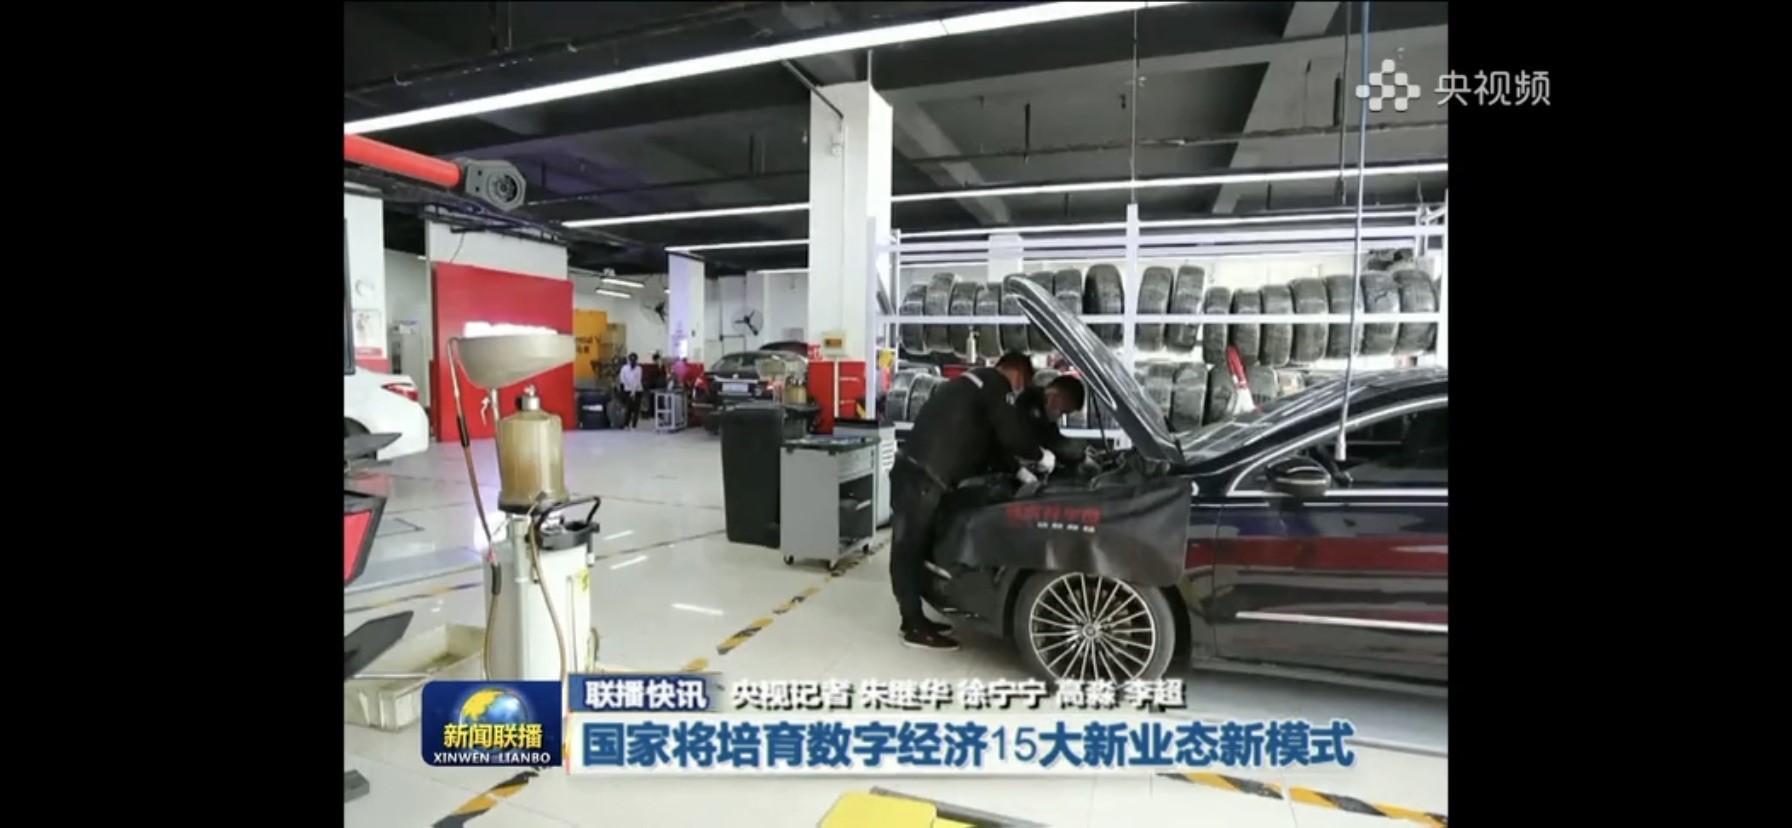 新闻联播关注数字化新经济 途虎养车助力行业数字化升级